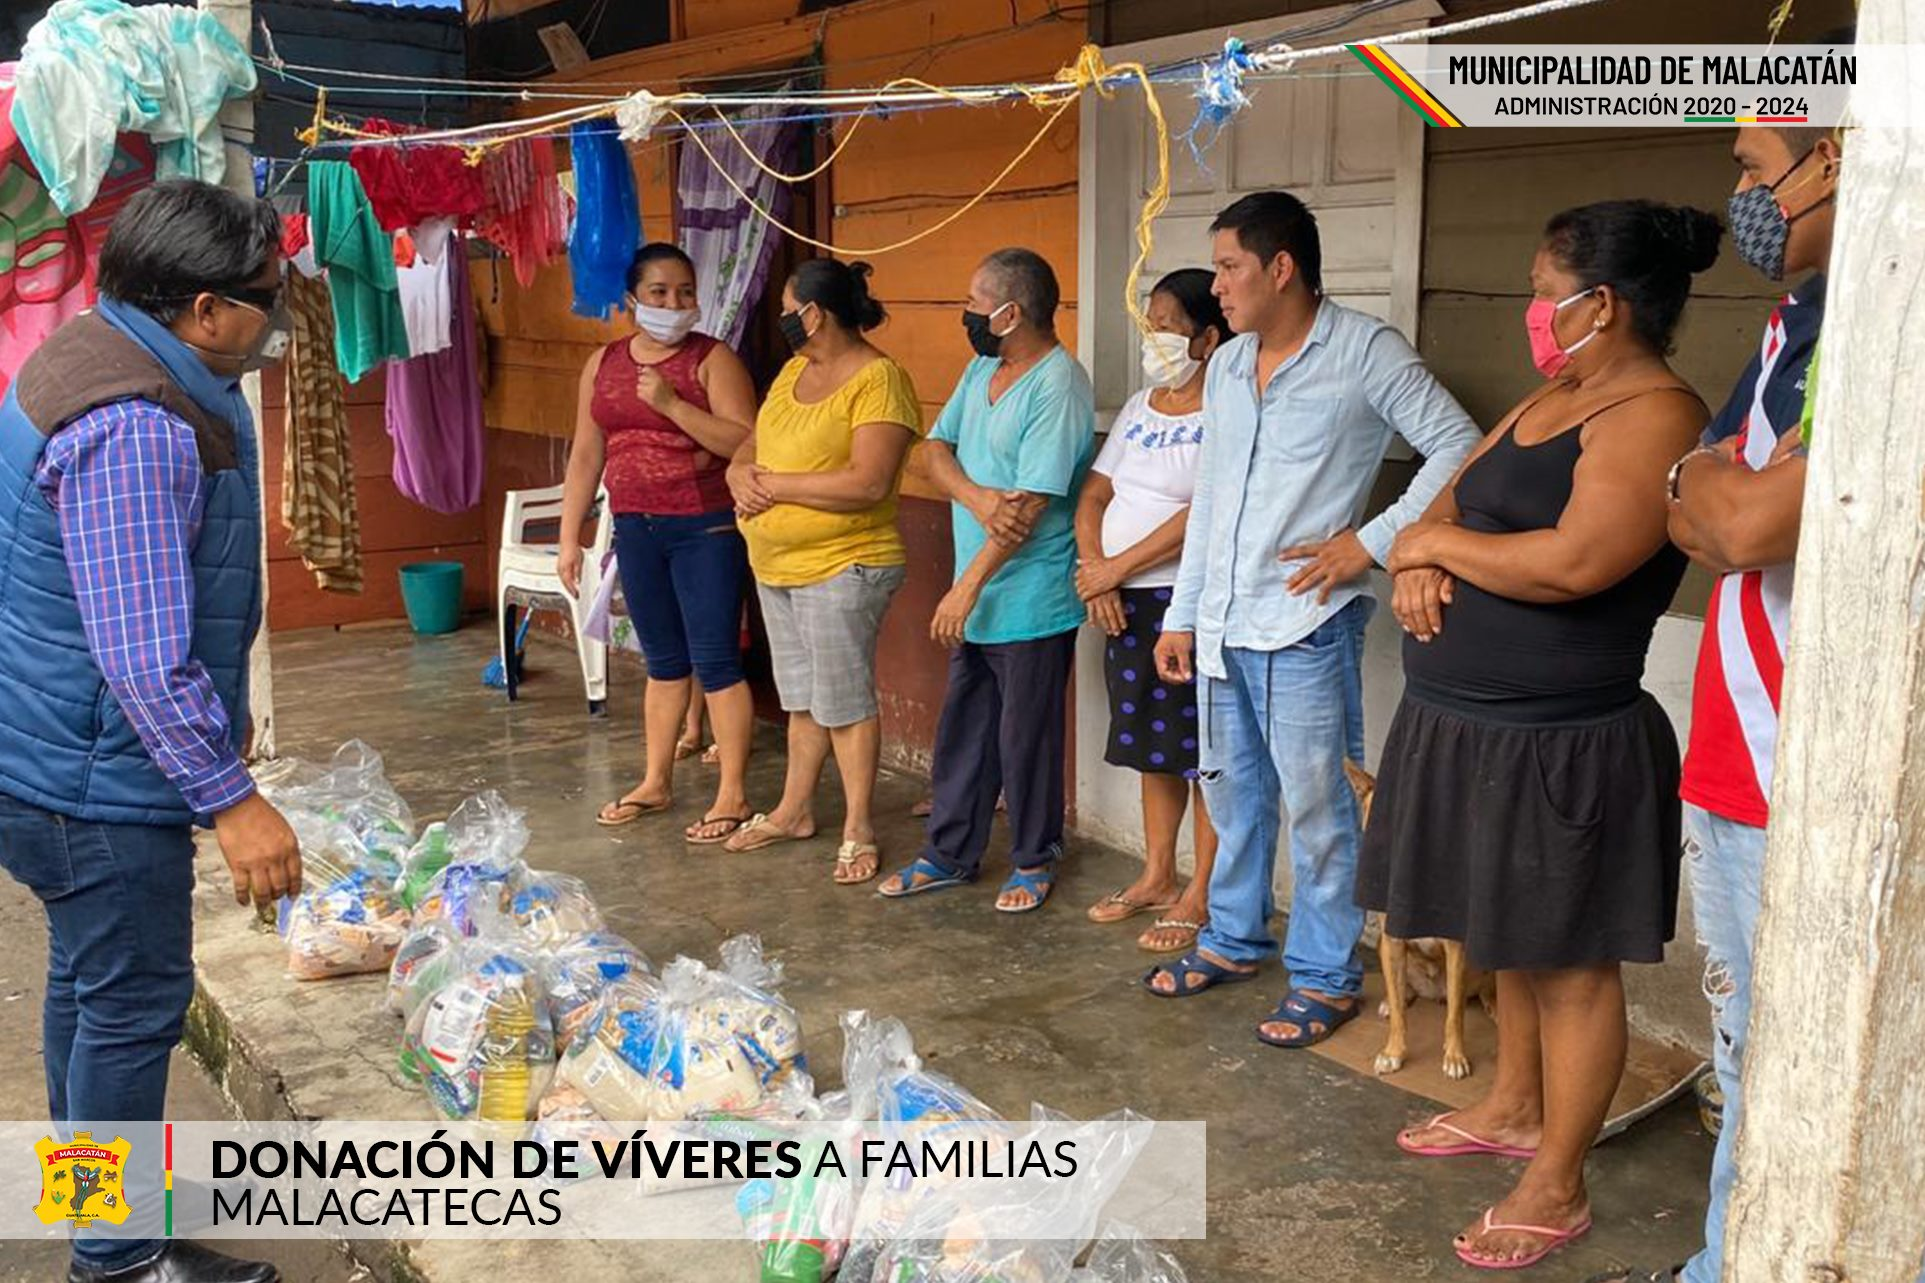 Ministerio de Salud da por terminado el cordón sanitario en Malacatán, San Marcos